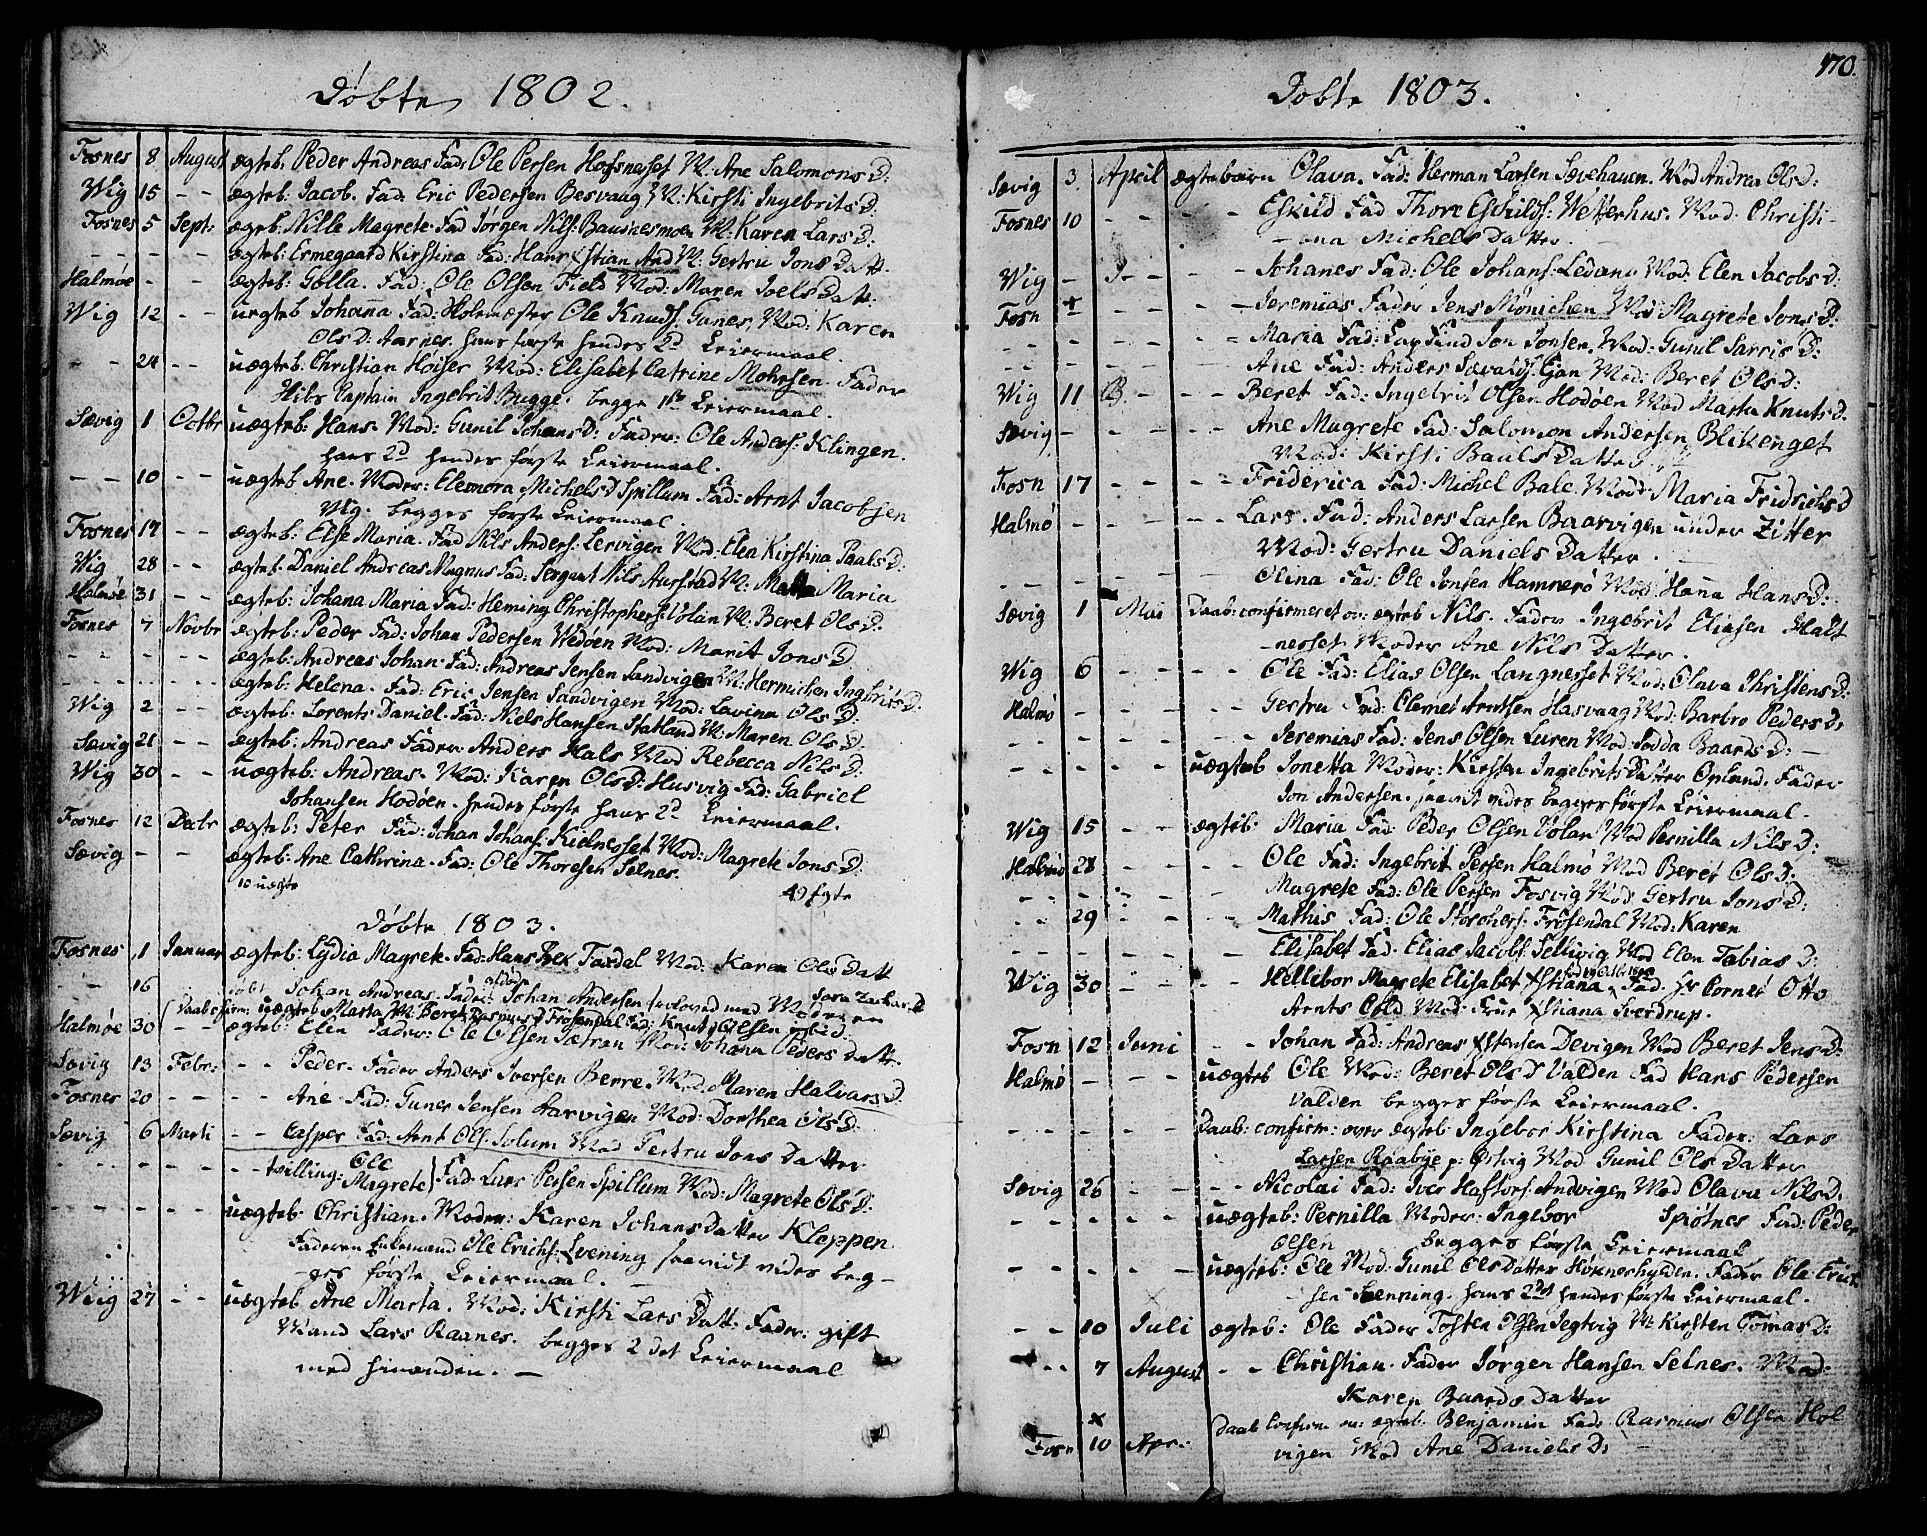 SAT, Ministerialprotokoller, klokkerbøker og fødselsregistre - Nord-Trøndelag, 773/L0608: Ministerialbok nr. 773A02, 1784-1816, s. 170